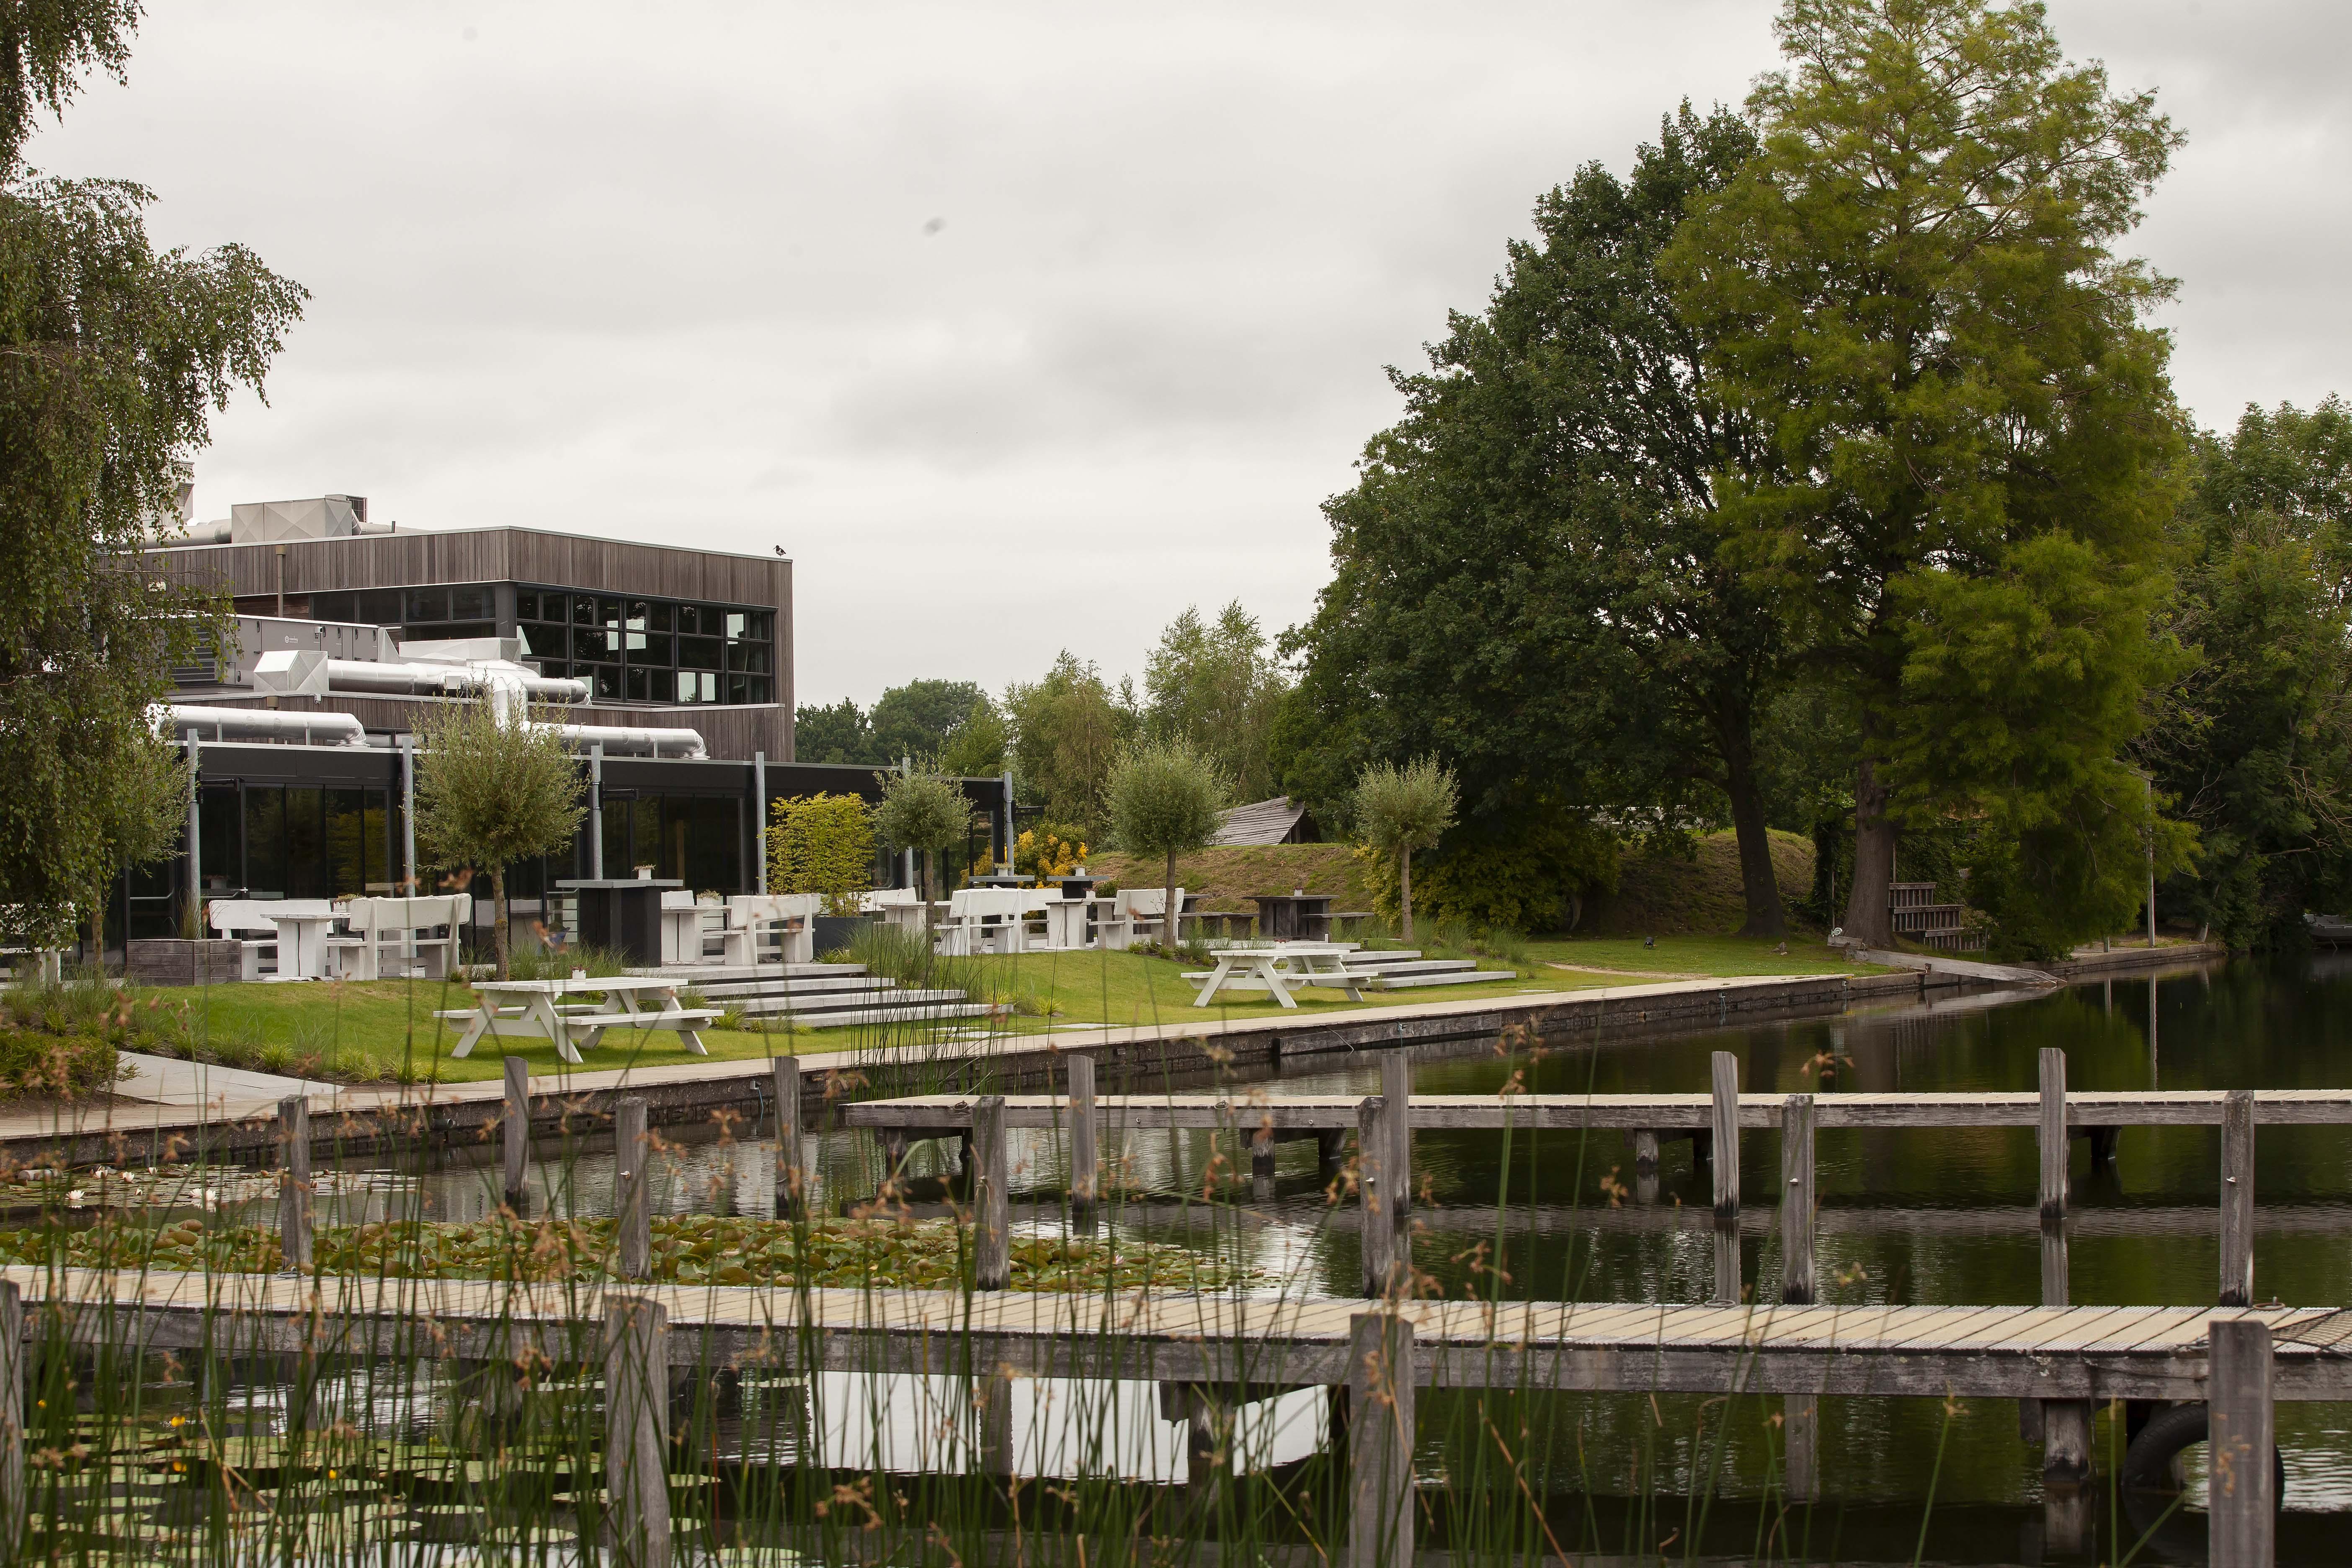 Inrichting buitenruimte met terras aan Maarsseveense Plassen (1)